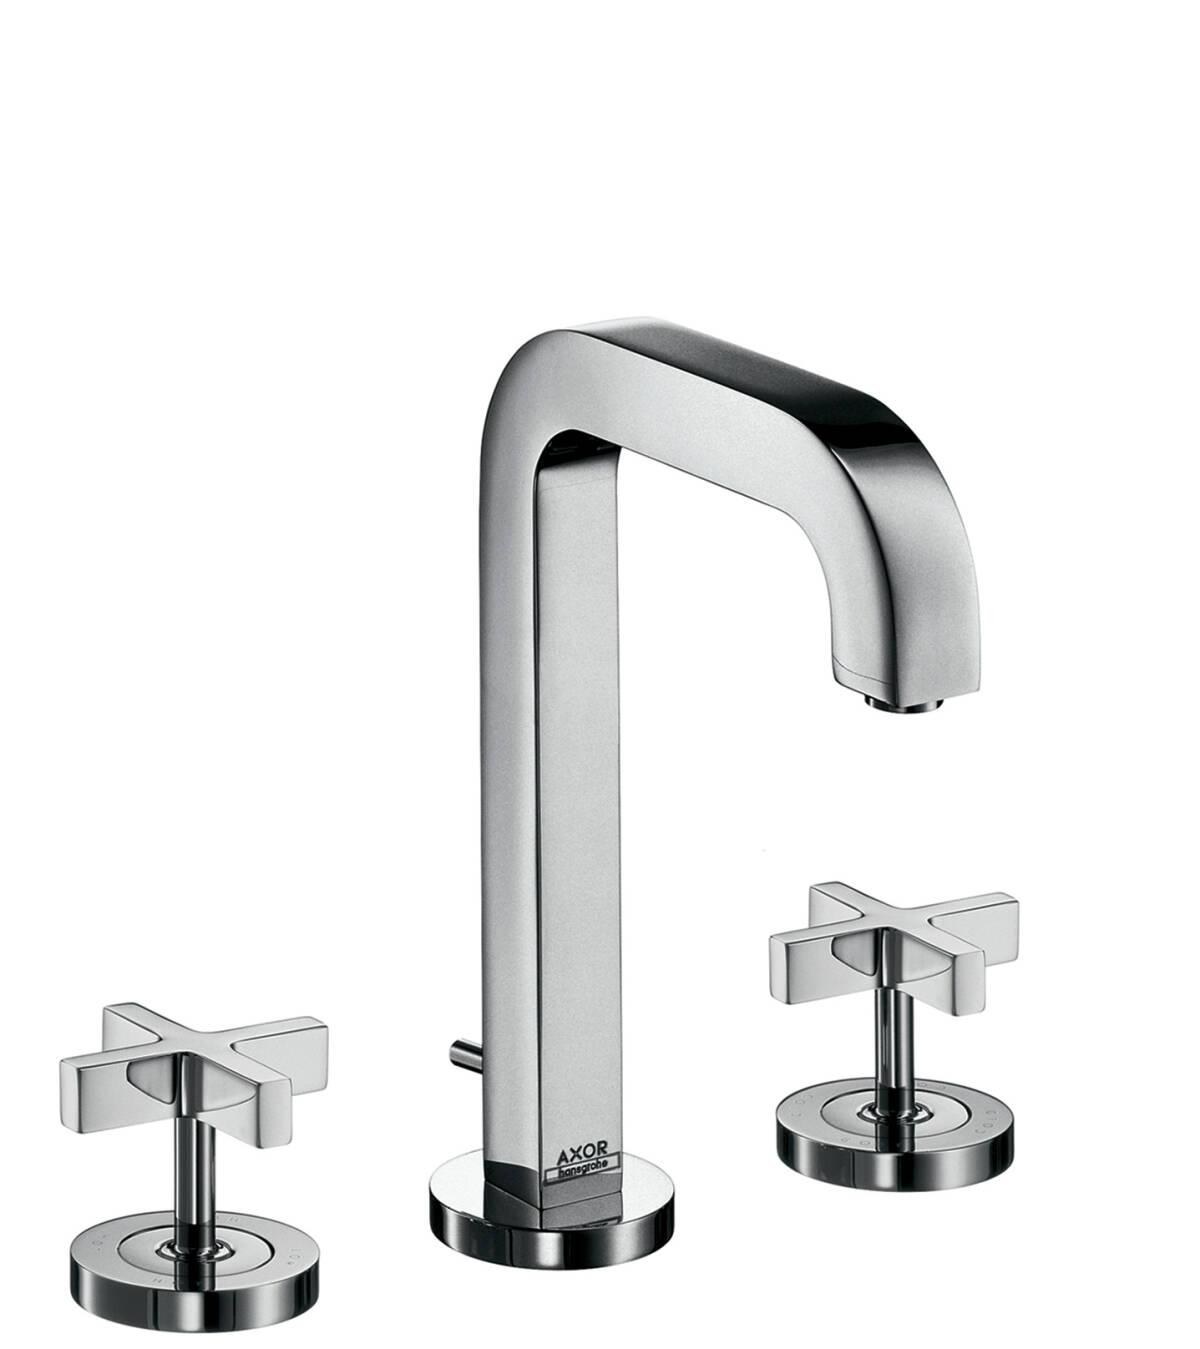 3-Loch Waschtischarmatur 170  mit Zugstangen-Ablaufgarnitur und Auslauf 140 mm, Kreuzgriffe und Rosetten, Chrom, 39133000